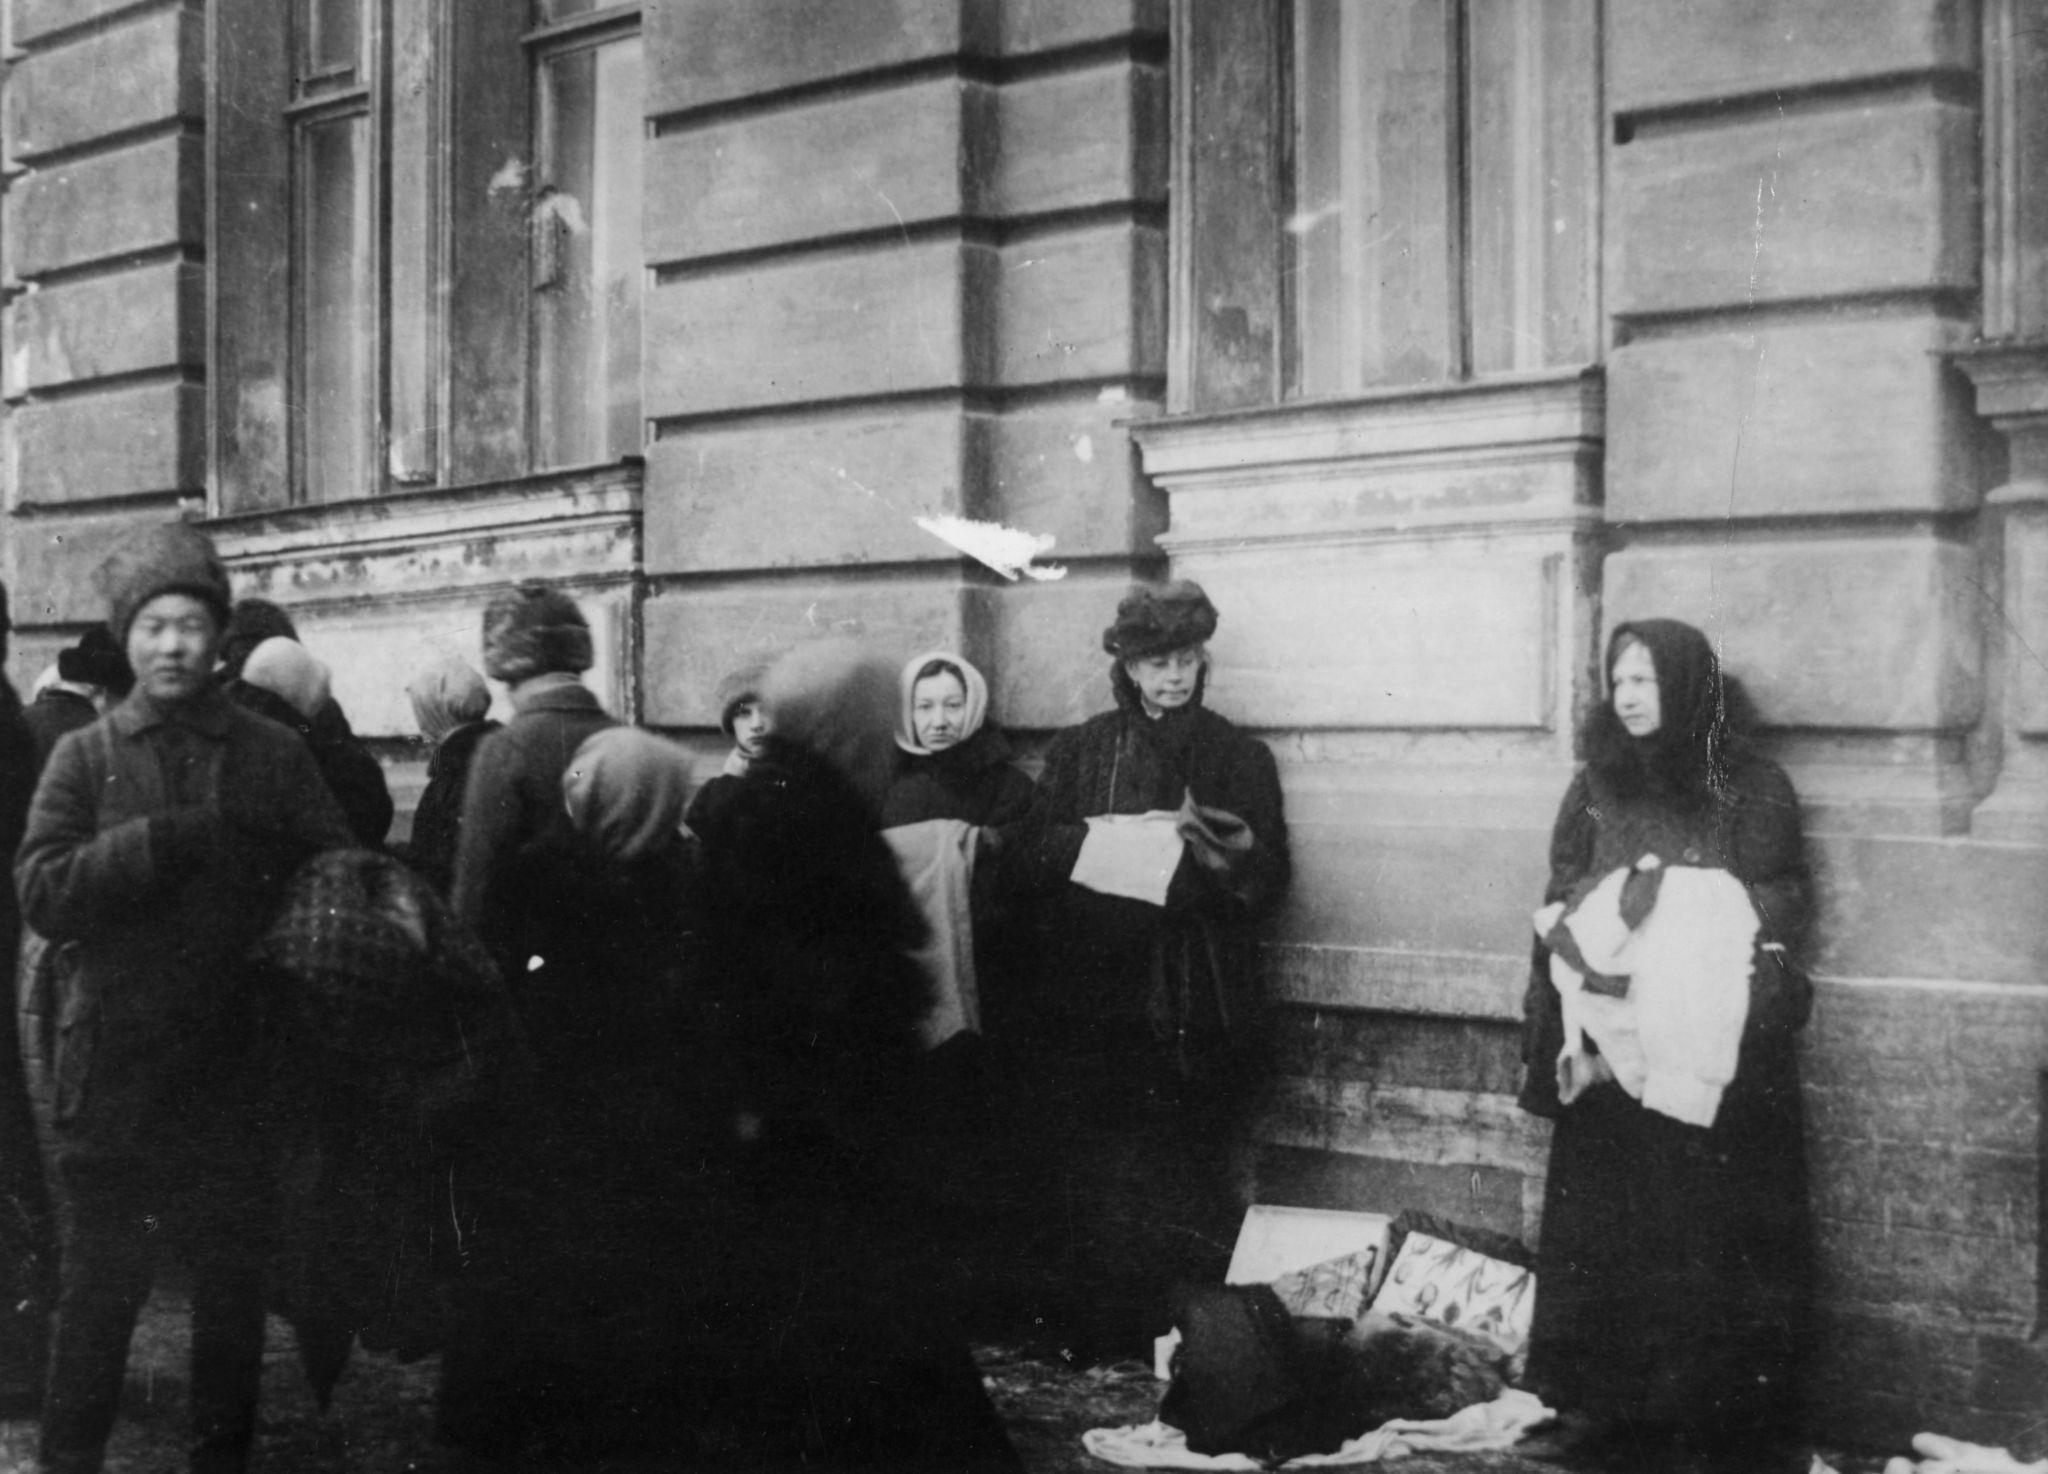 Люди покупают и продают свои товары на улицах Москвы, чтобы пережить эпоху военного коммунизма